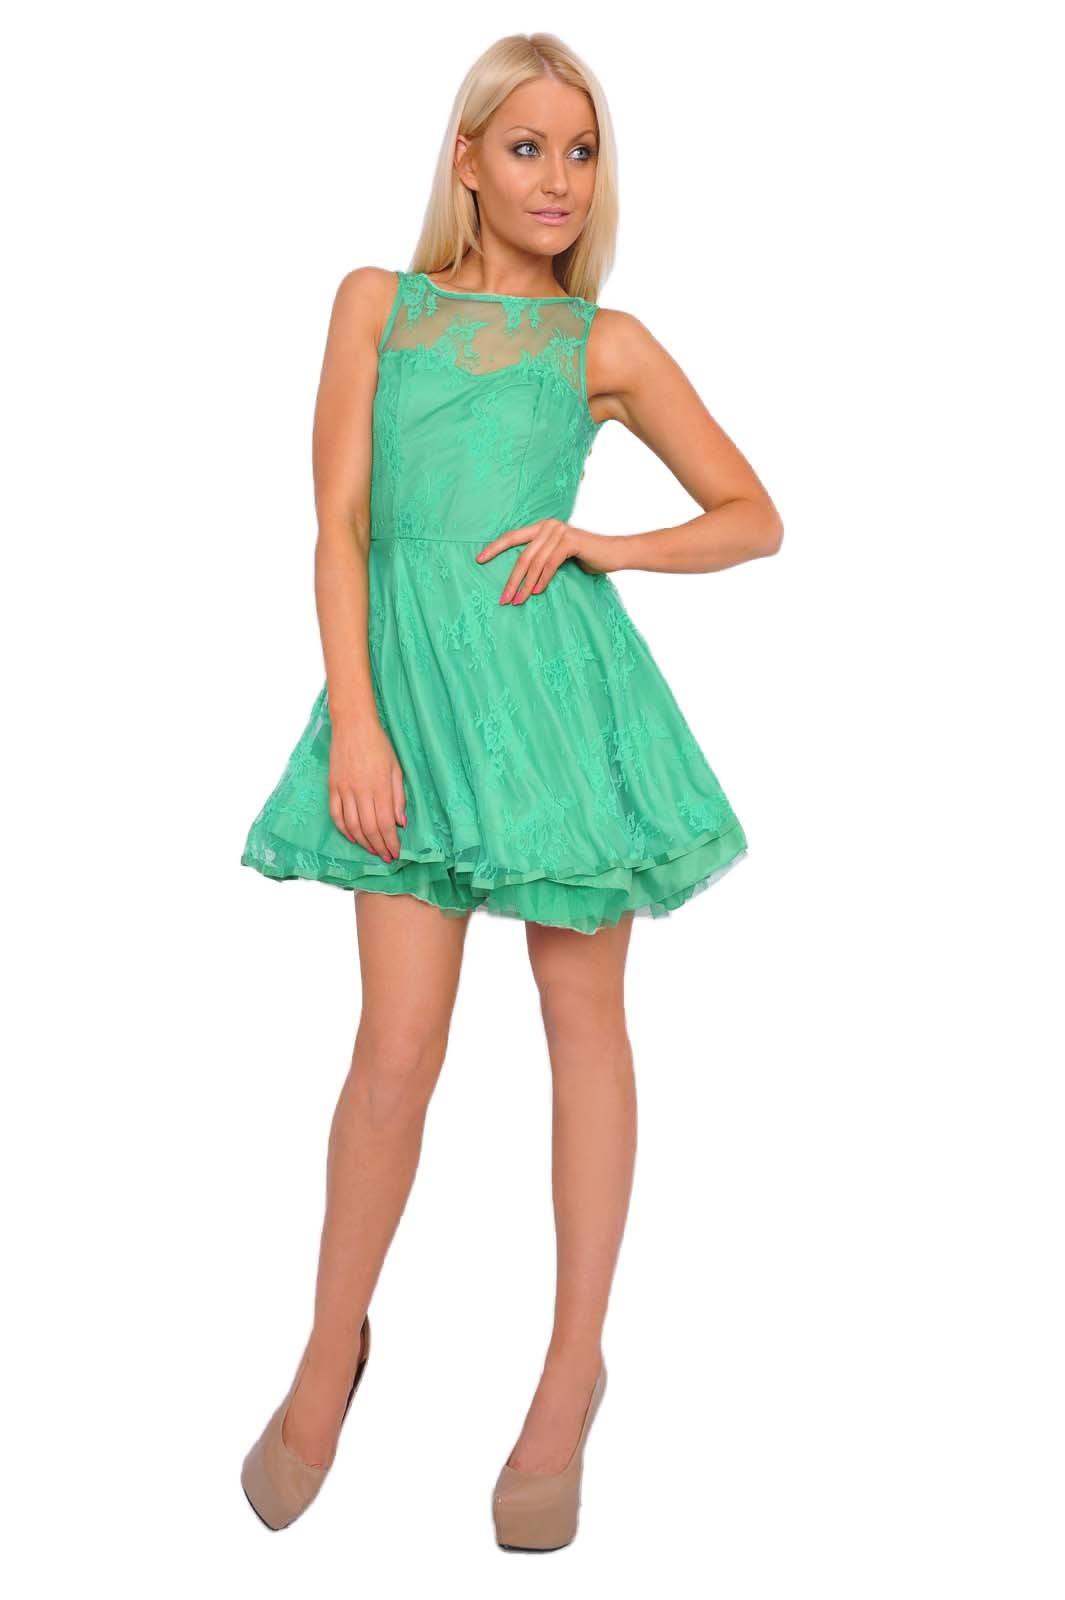 AX Paris Sade Lace Kick Out Skater Dress in Green   iCLOTHING